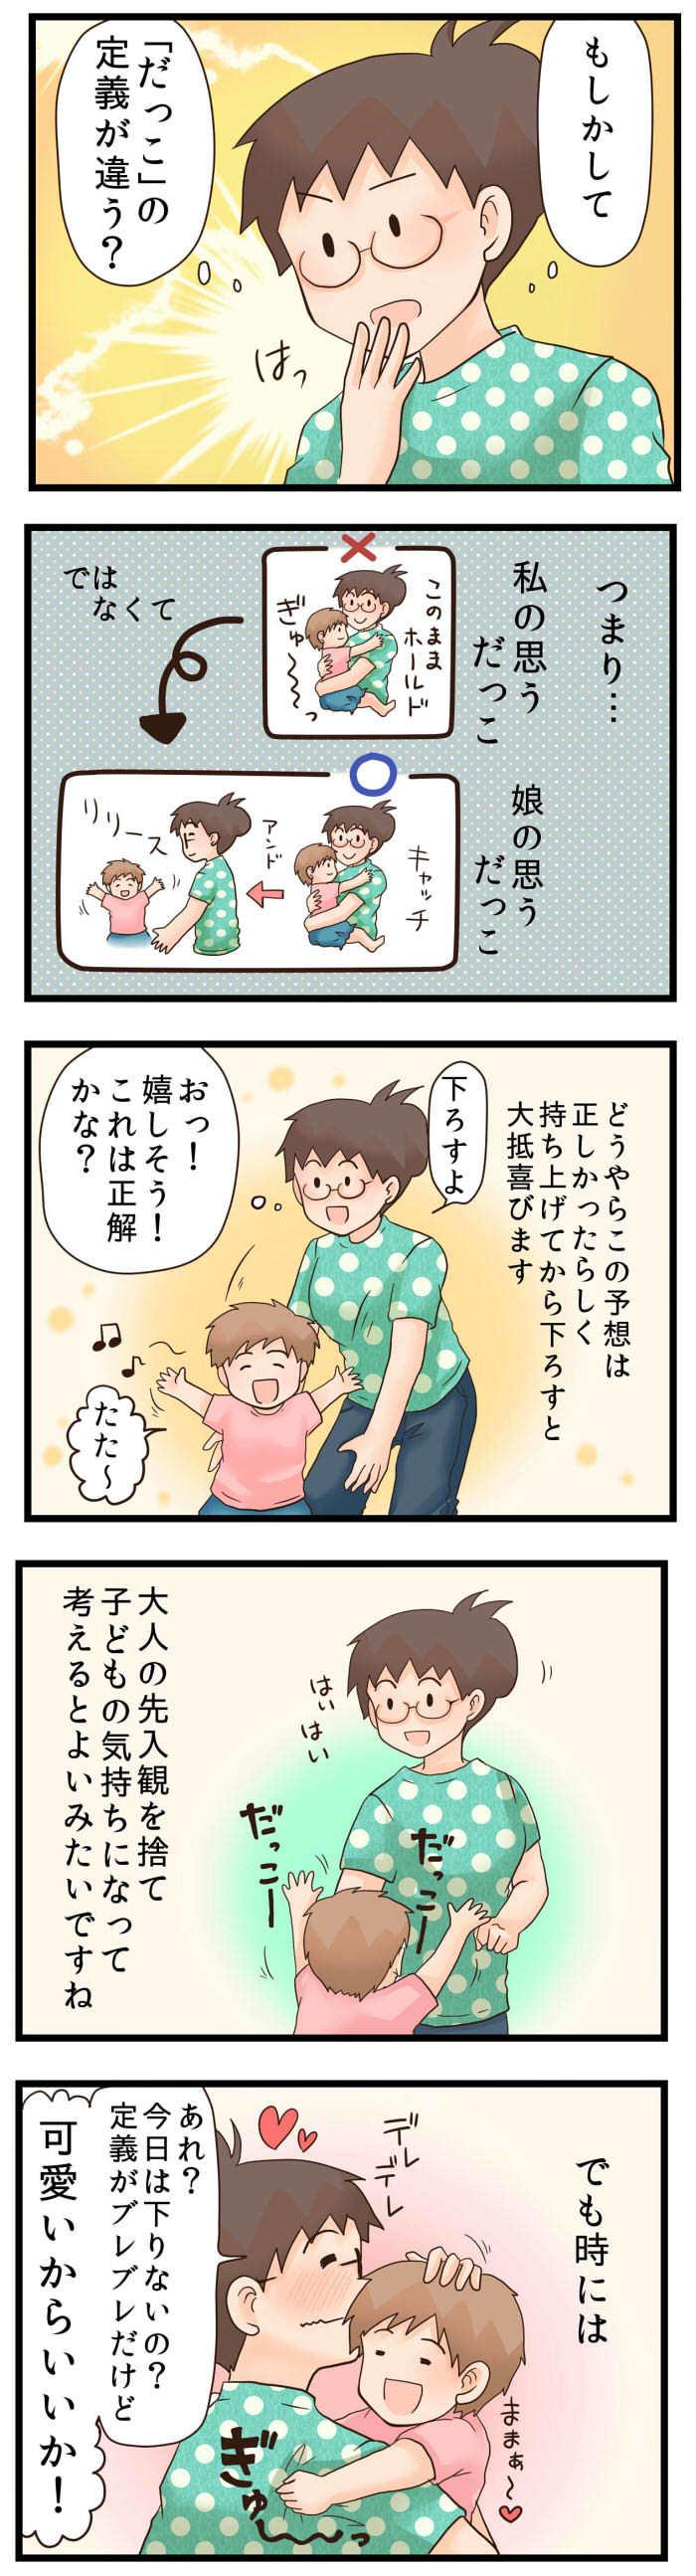 え?抱っこしてほしいんじゃないの!?言葉のすれ違いの原因は「定義の差」だったの画像2